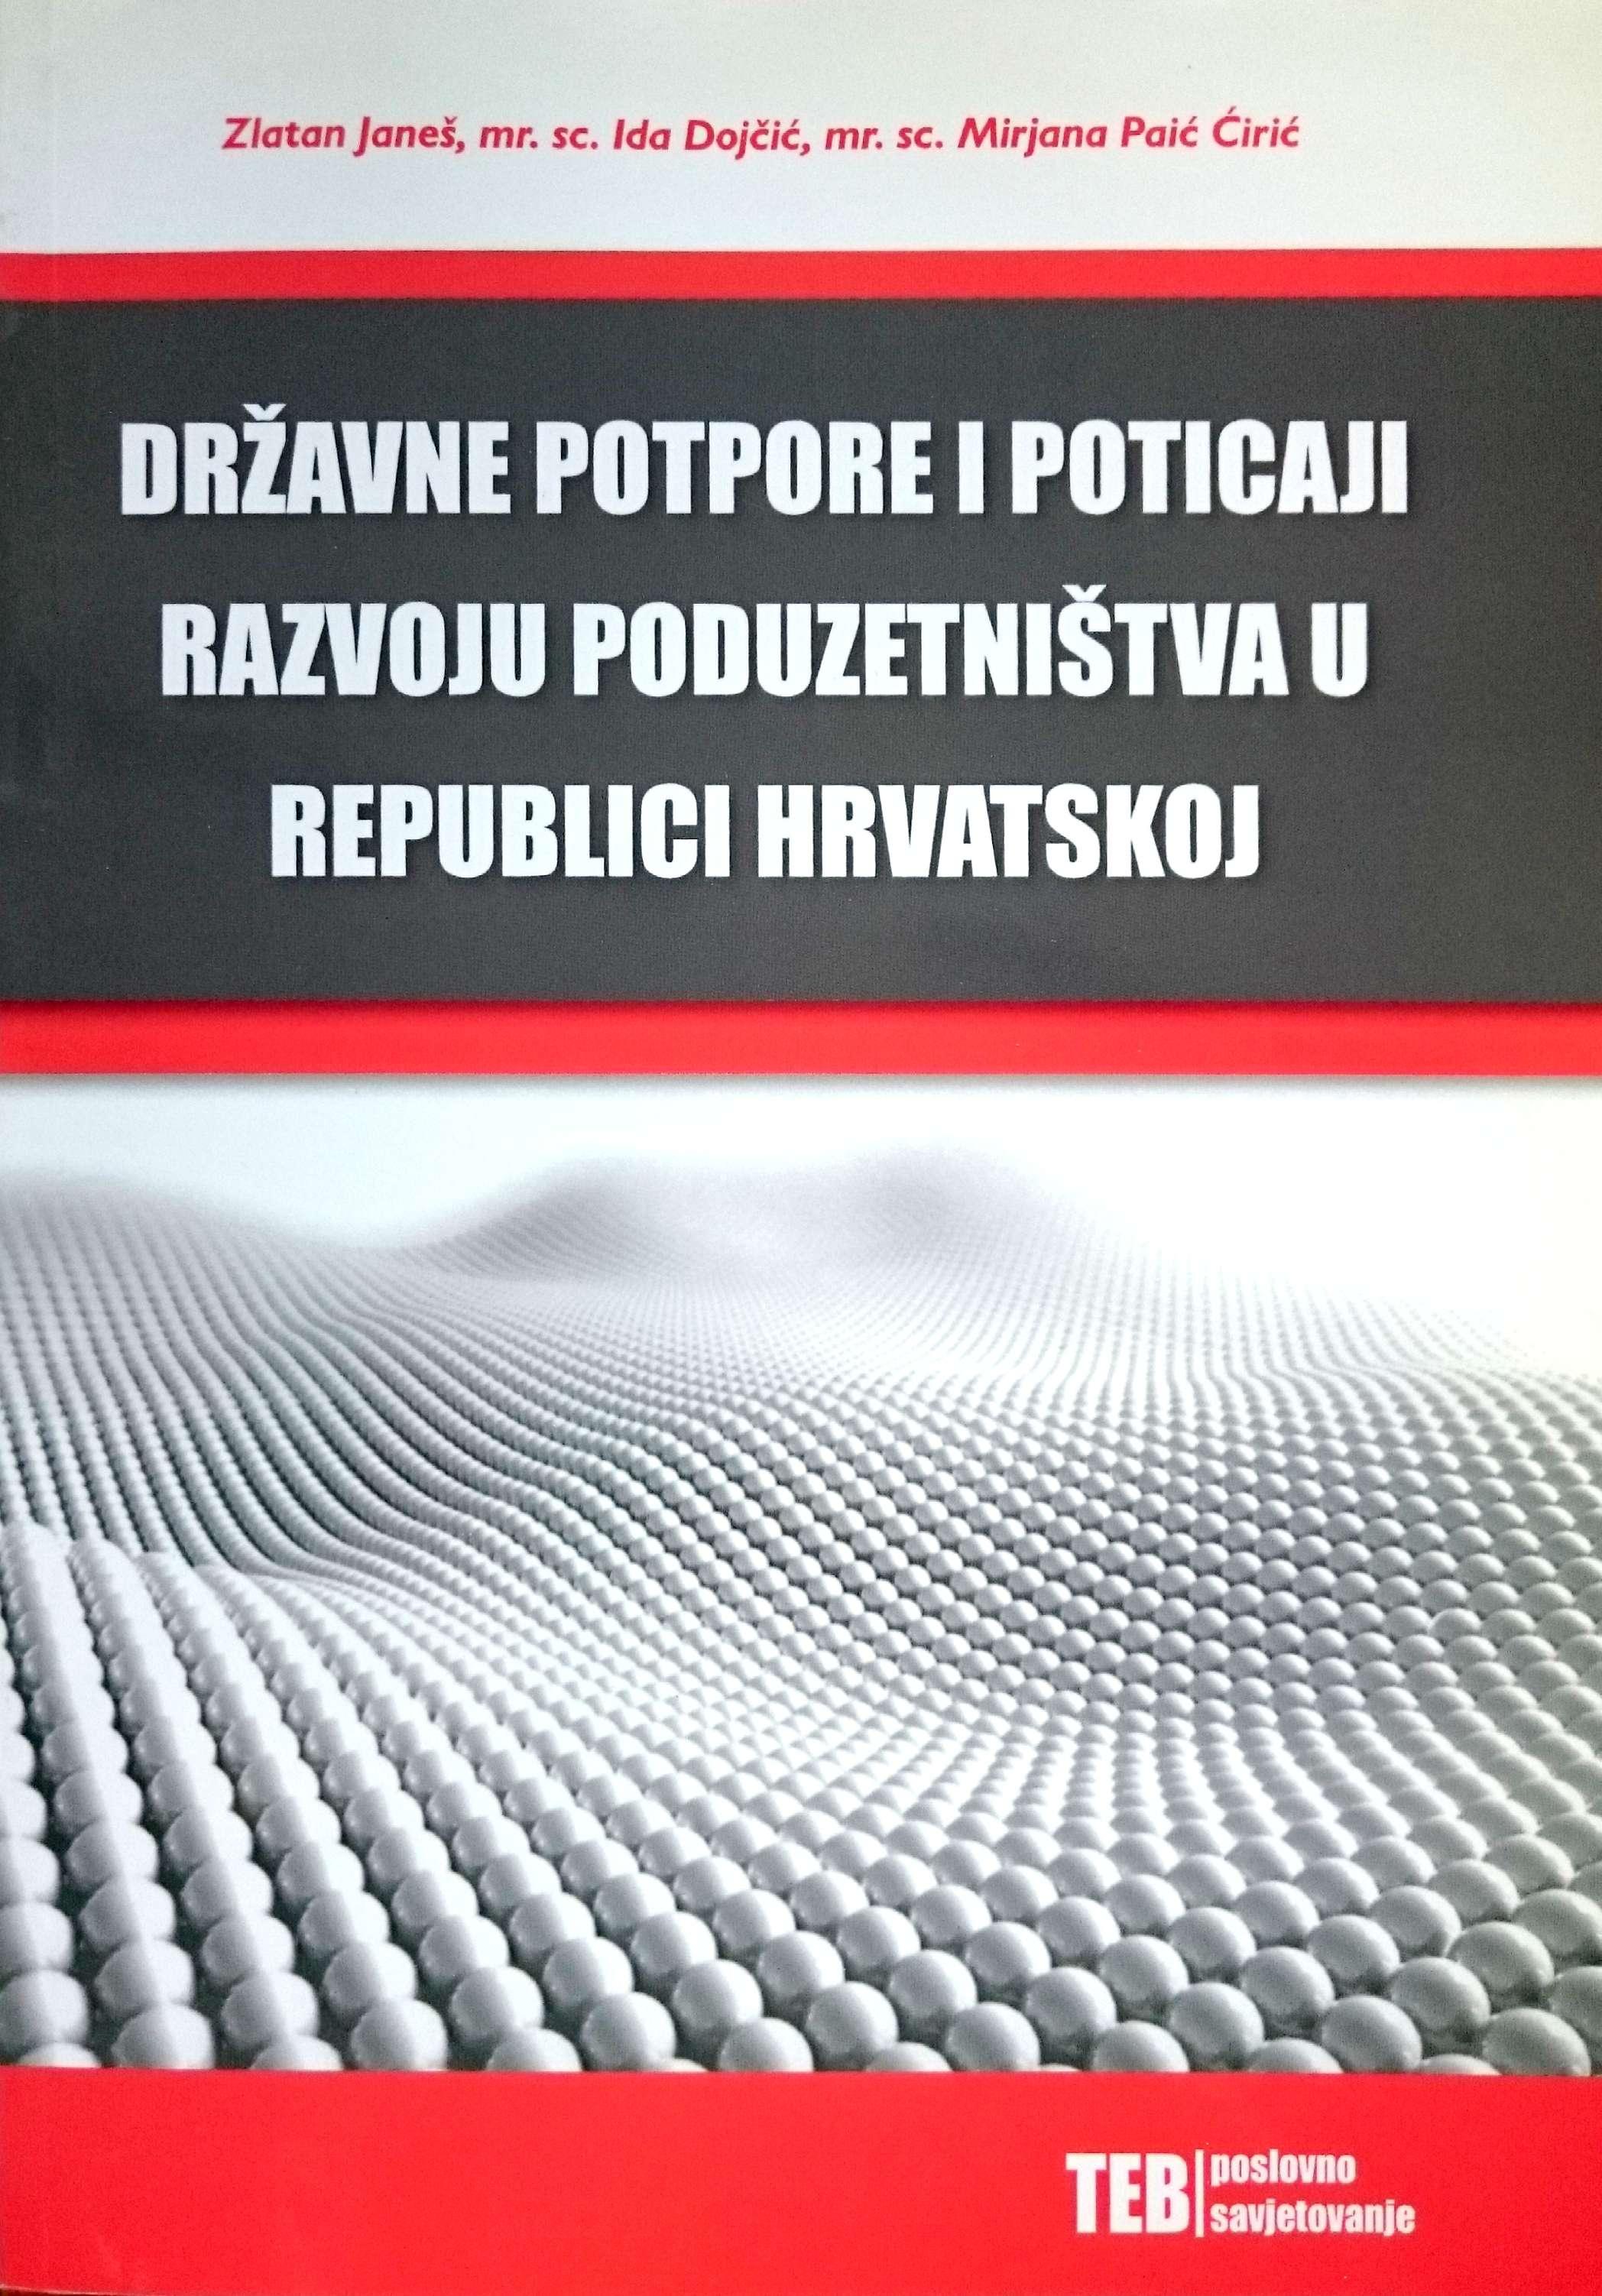 DRŽAVNE POTPORE I POTICAJI RAZVOJU PODUZETNIŠTVA U REPUBLICI HRVATSKOJ - Naruči svoju knjigu